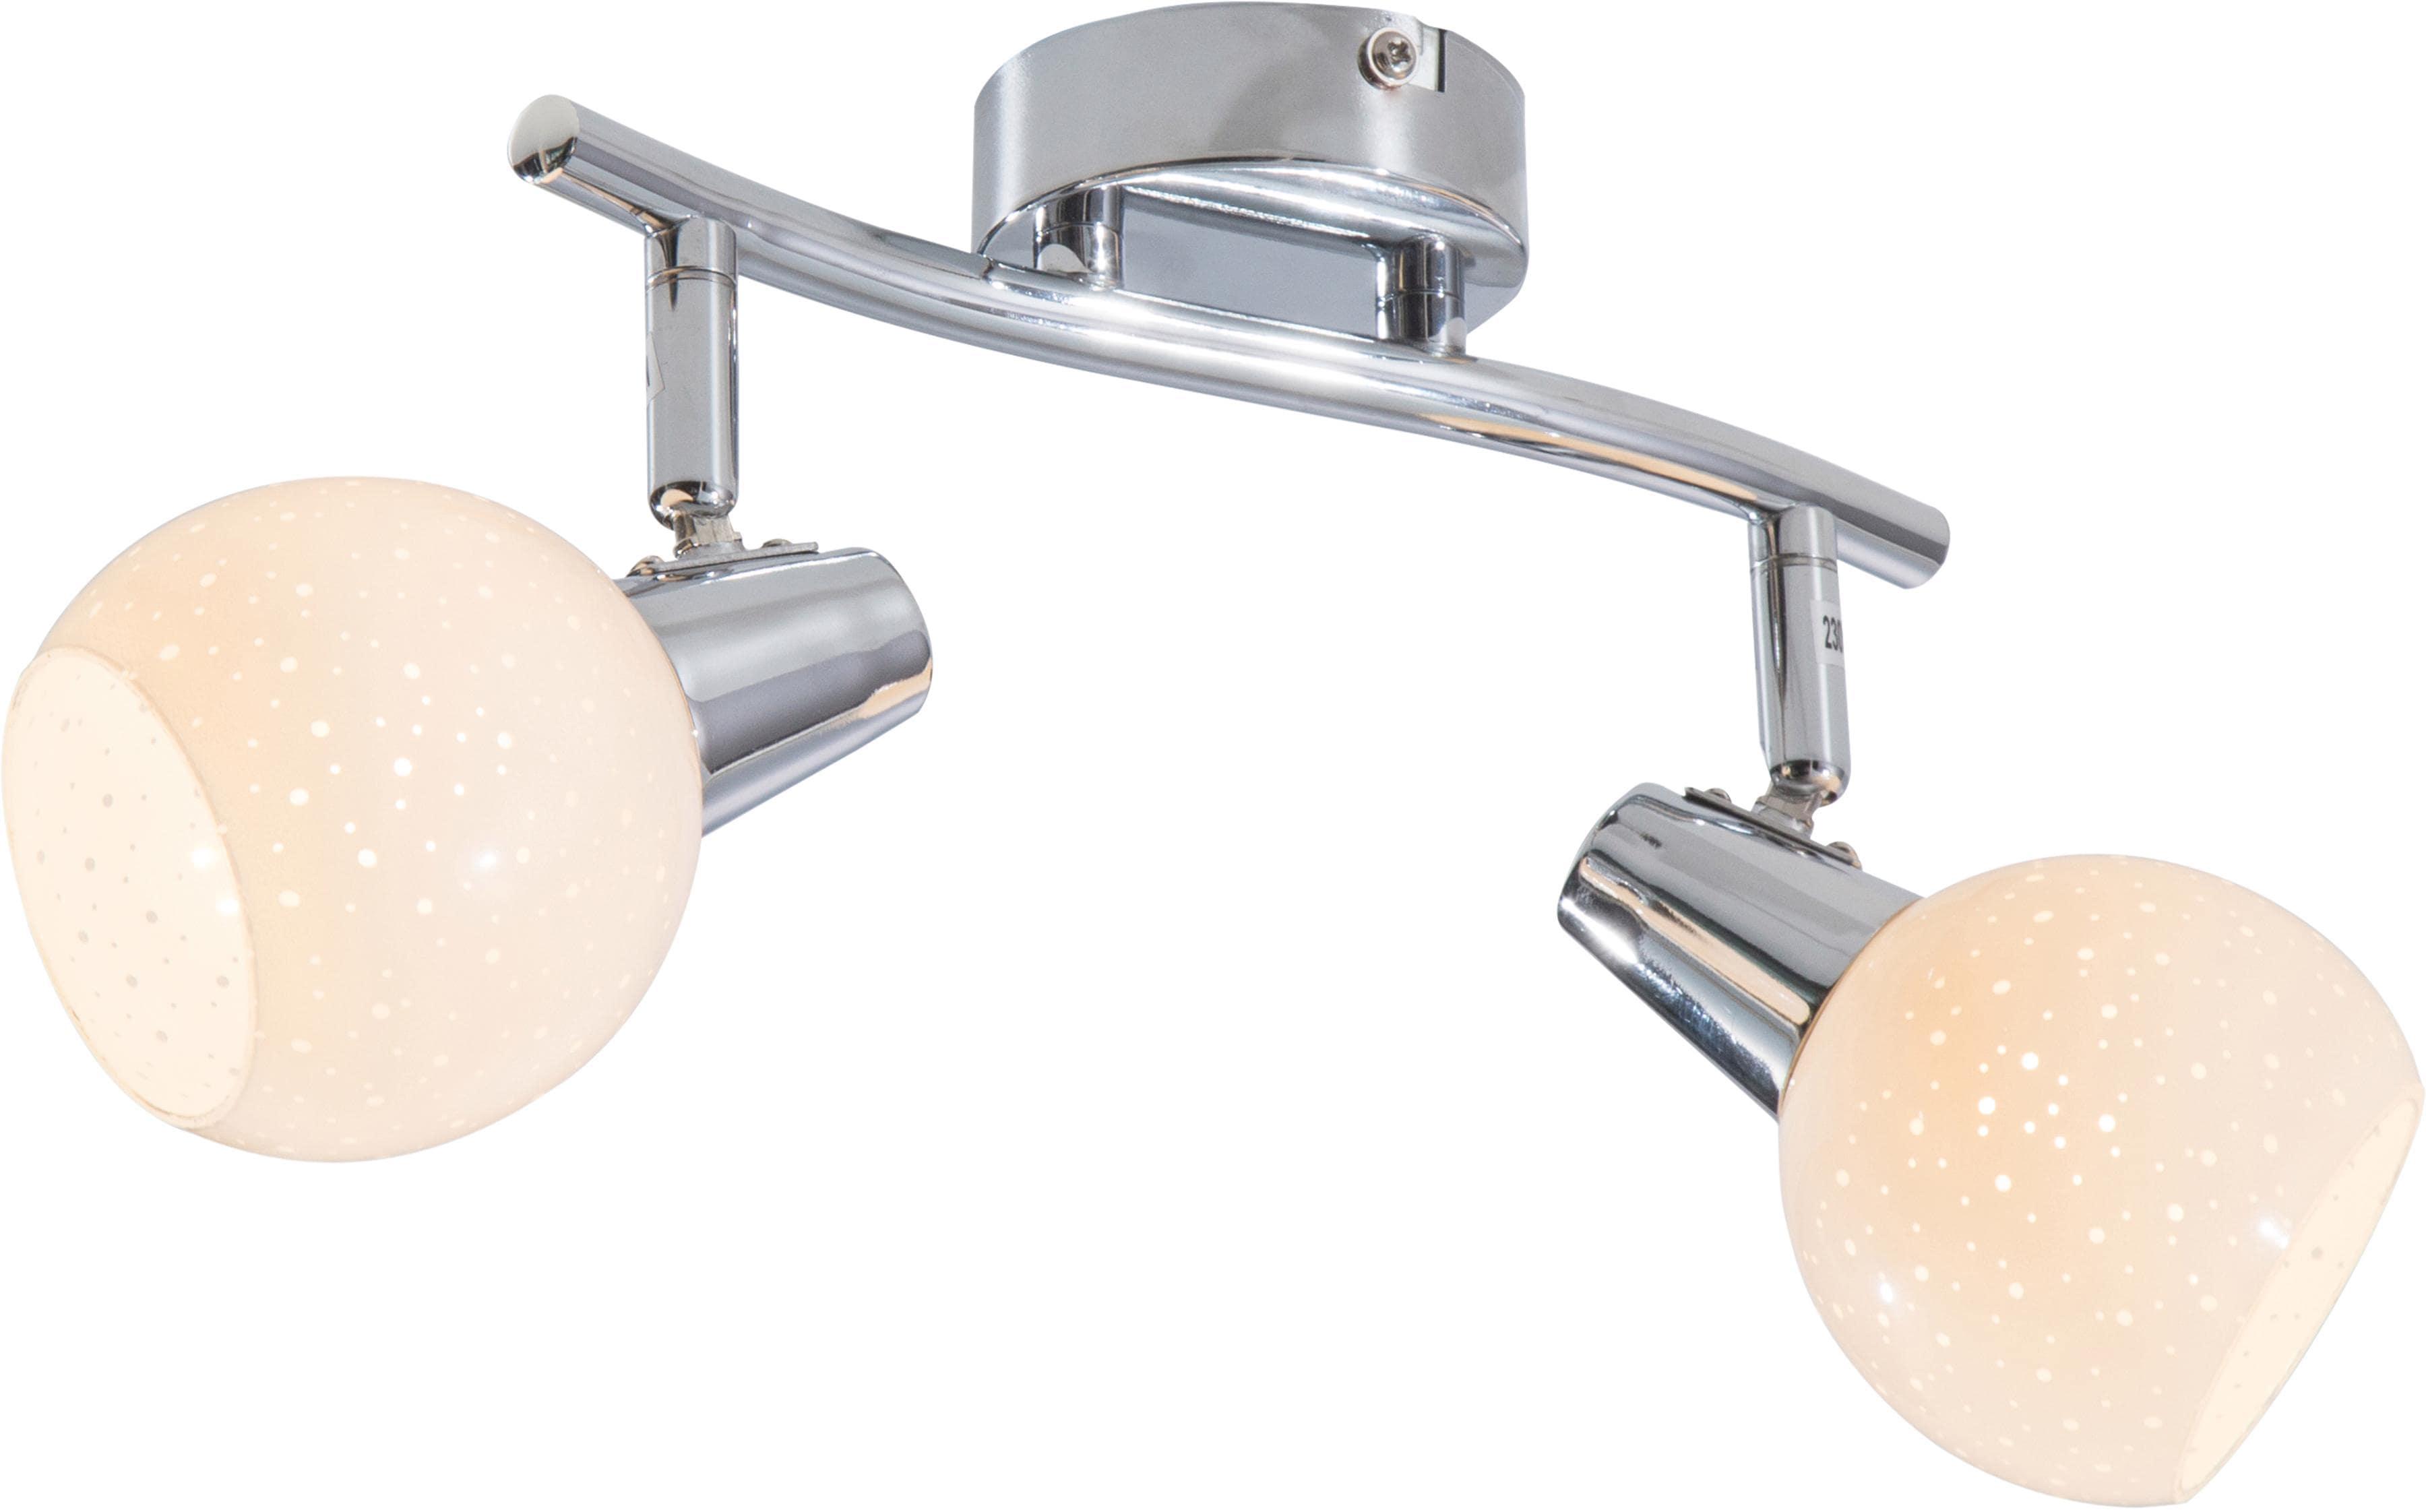 Nino Leuchten,LED Deckenstrahler DOXY